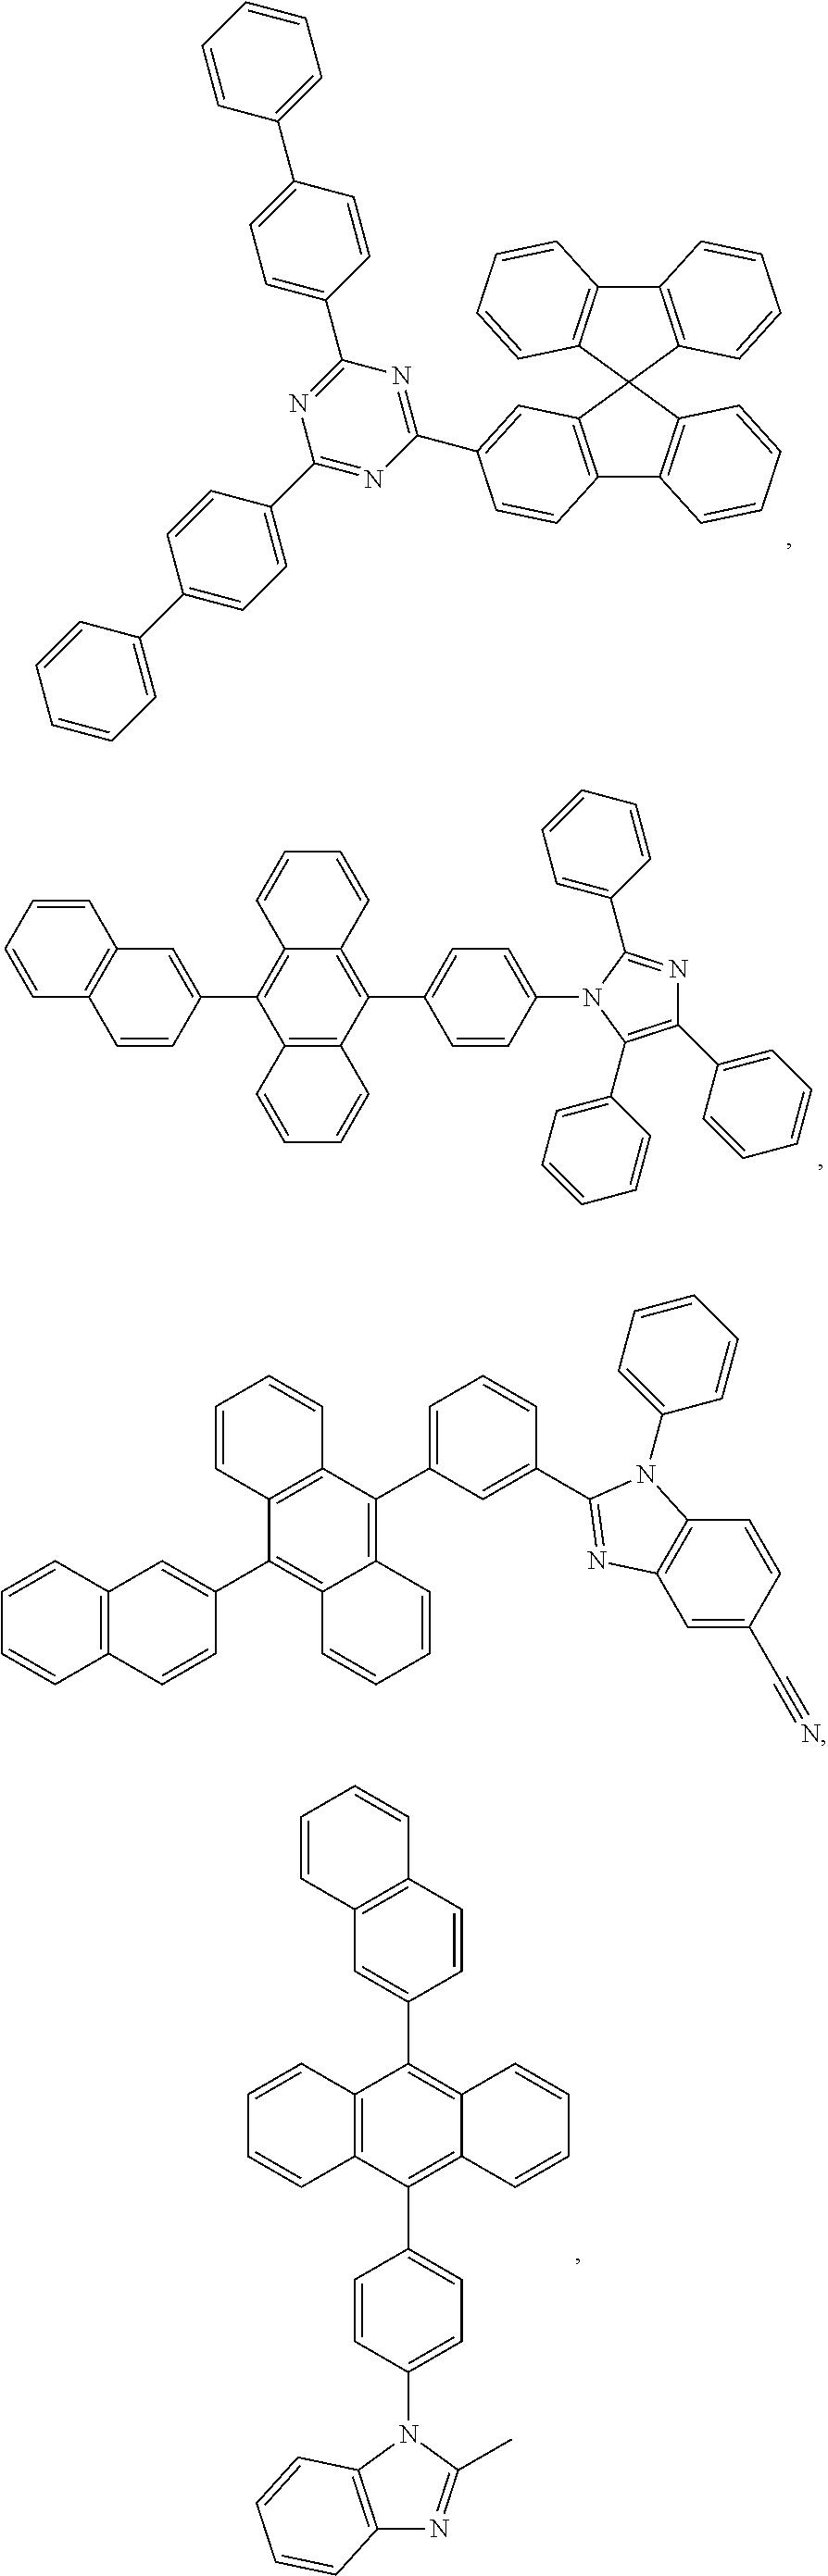 Figure US20180130962A1-20180510-C00205